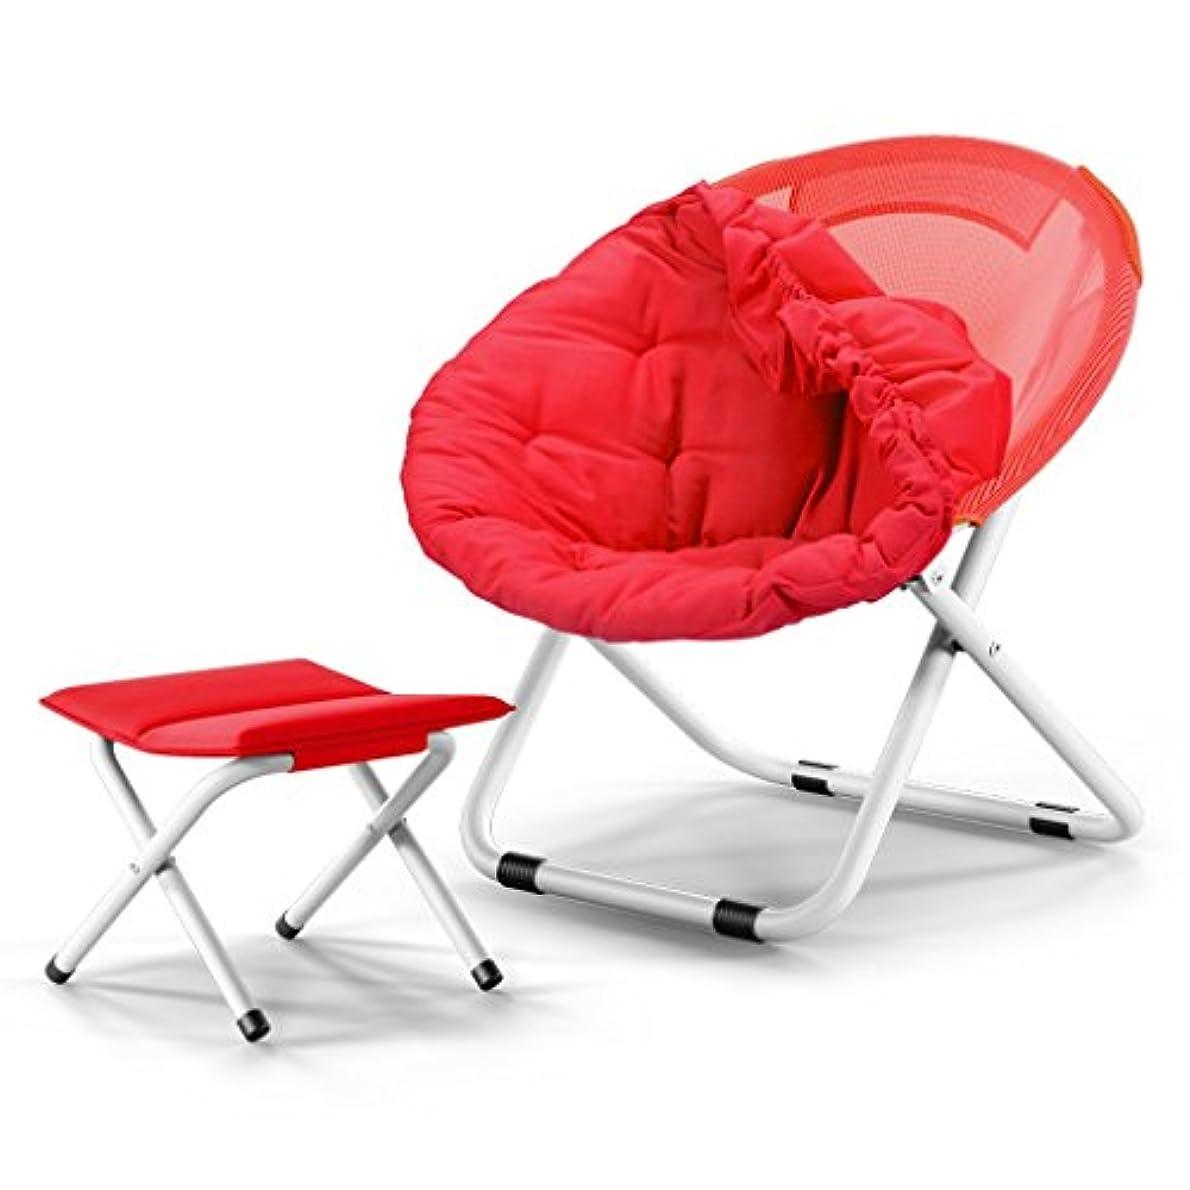 永久ノート省略折り畳み式デッキチェア携帯用旅行折りたたみ椅子丸型チェアムーンチェアキャンプチェアレジャーソファ椅子背もたれ椅子庭園パティオサンラウンジャー (色 : 赤, 設計 : A+Footstool)